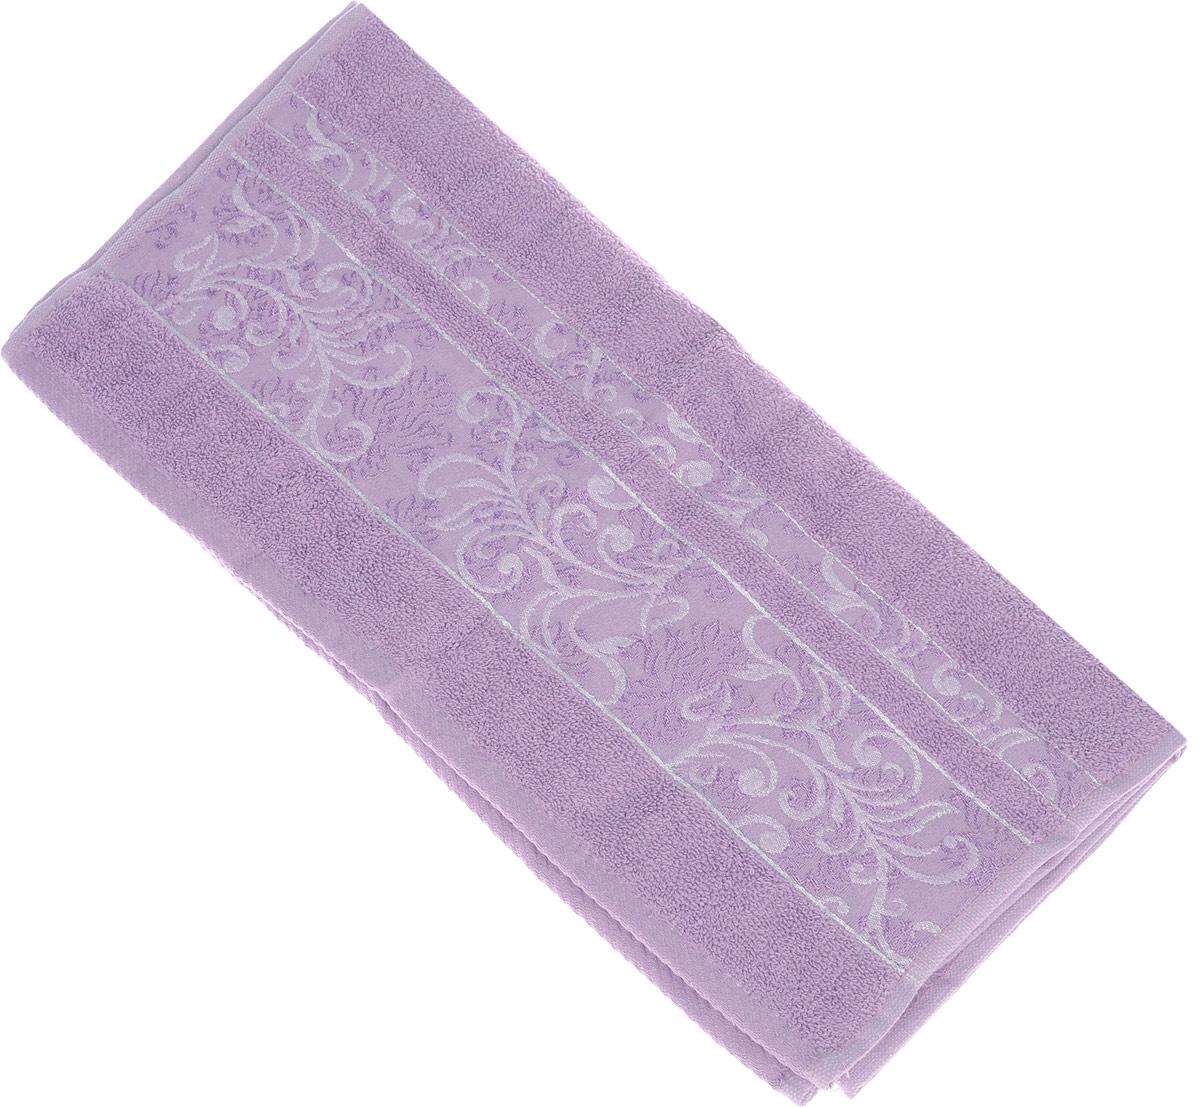 Полотенце Brielle Sarmasik Royal, цвет: пурпурный, 50 см х 90 см1205Полотенце Brielle Sarmasik Royal выполнено из бамбука с содержанием хлопка. Изделие очень мягкое, оно отлично впитывает влагу, быстро сохнет, сохраняет яркость цвета и не теряет формы даже после многократных стирок. Модель оформлена узорным рисунком и надписью. Полотенце Brielle Sarmasik Royal очень практично и неприхотливо в уходе. Такое полотенце послужит приятным подарком.